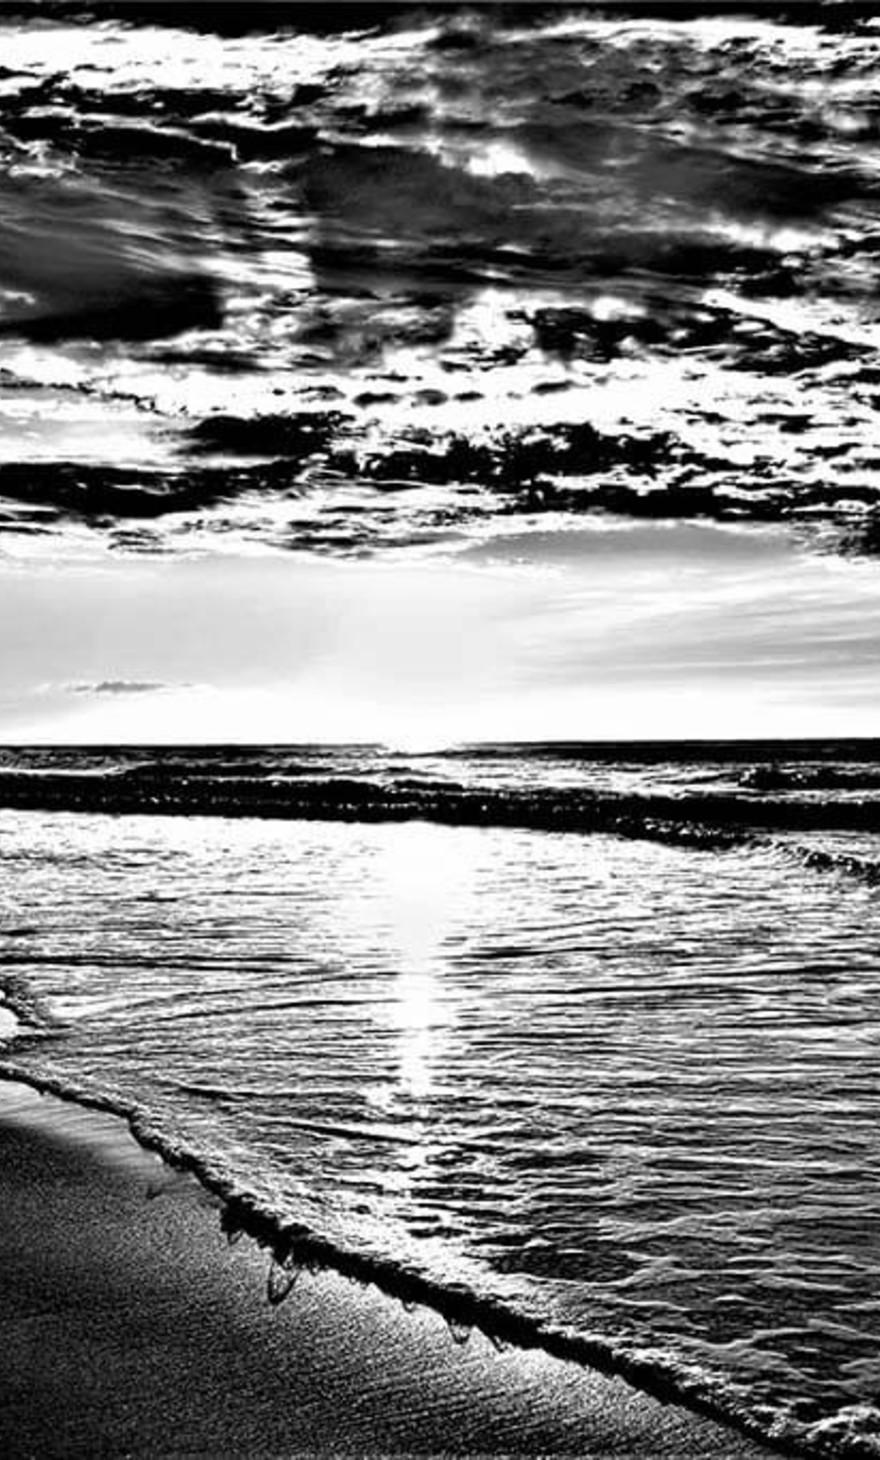 Sea black and white